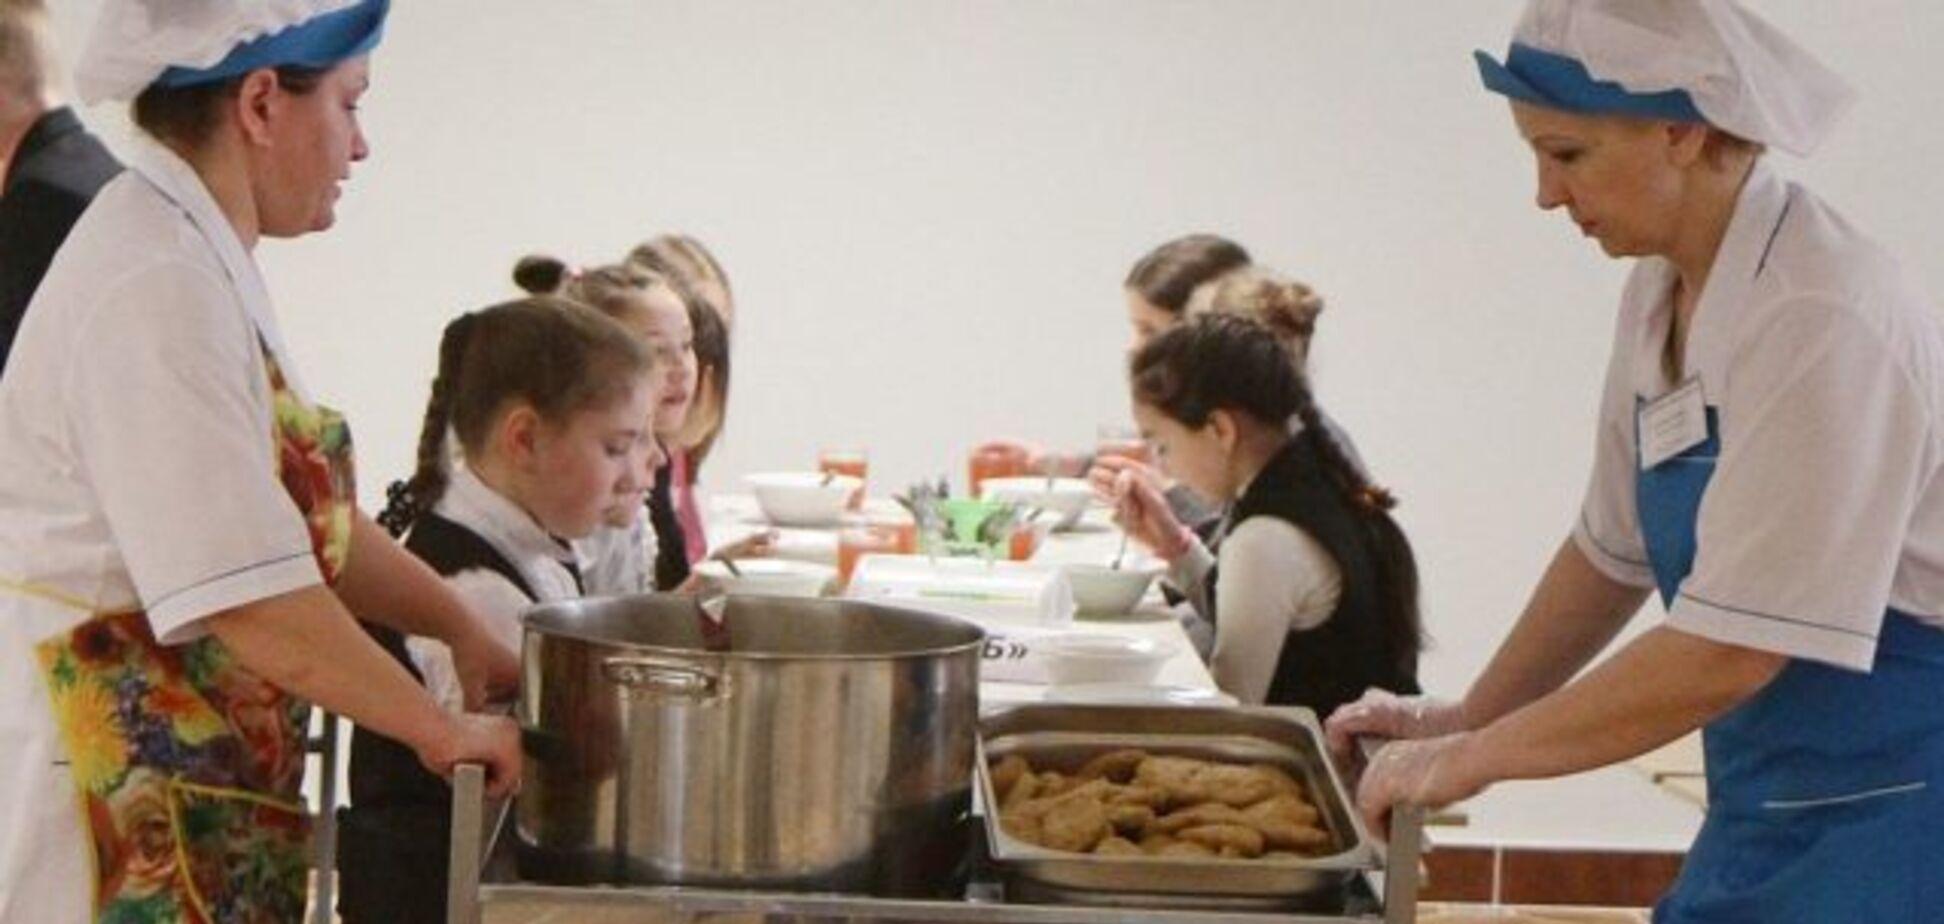 'Таким свиней не кормят!' В сети возмутились из-за питания в школе Киева